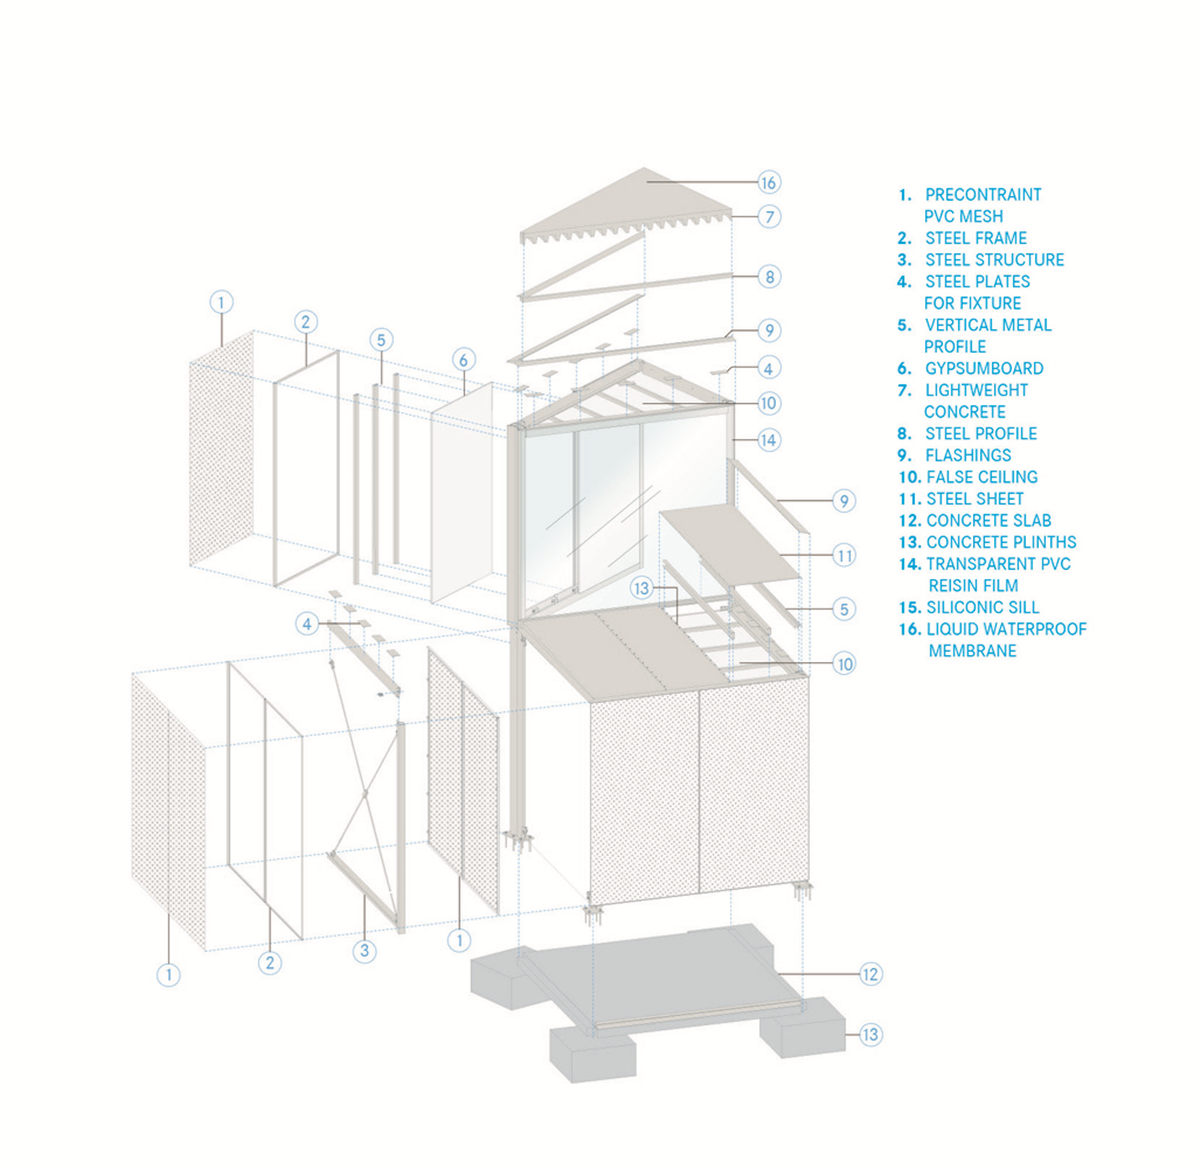 Caritas_Pavilion_drawing_2.jpg